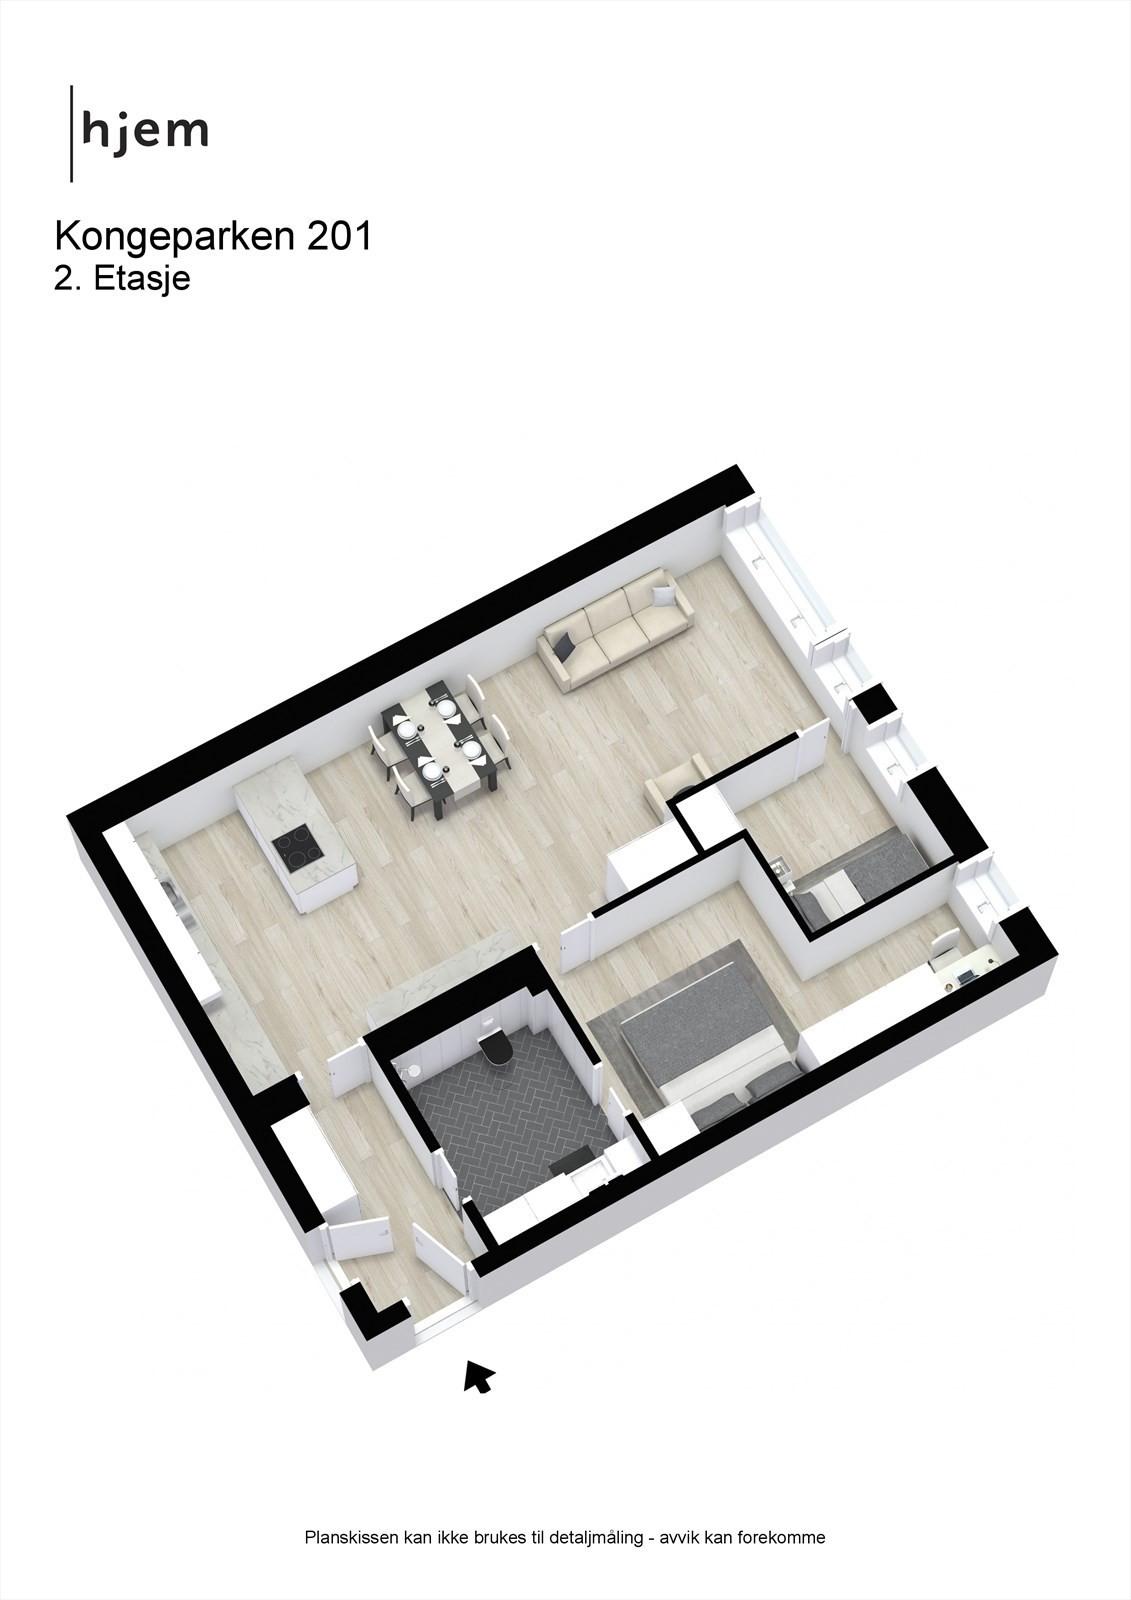 Kongeparken 201 - 3D - 2. Etasje